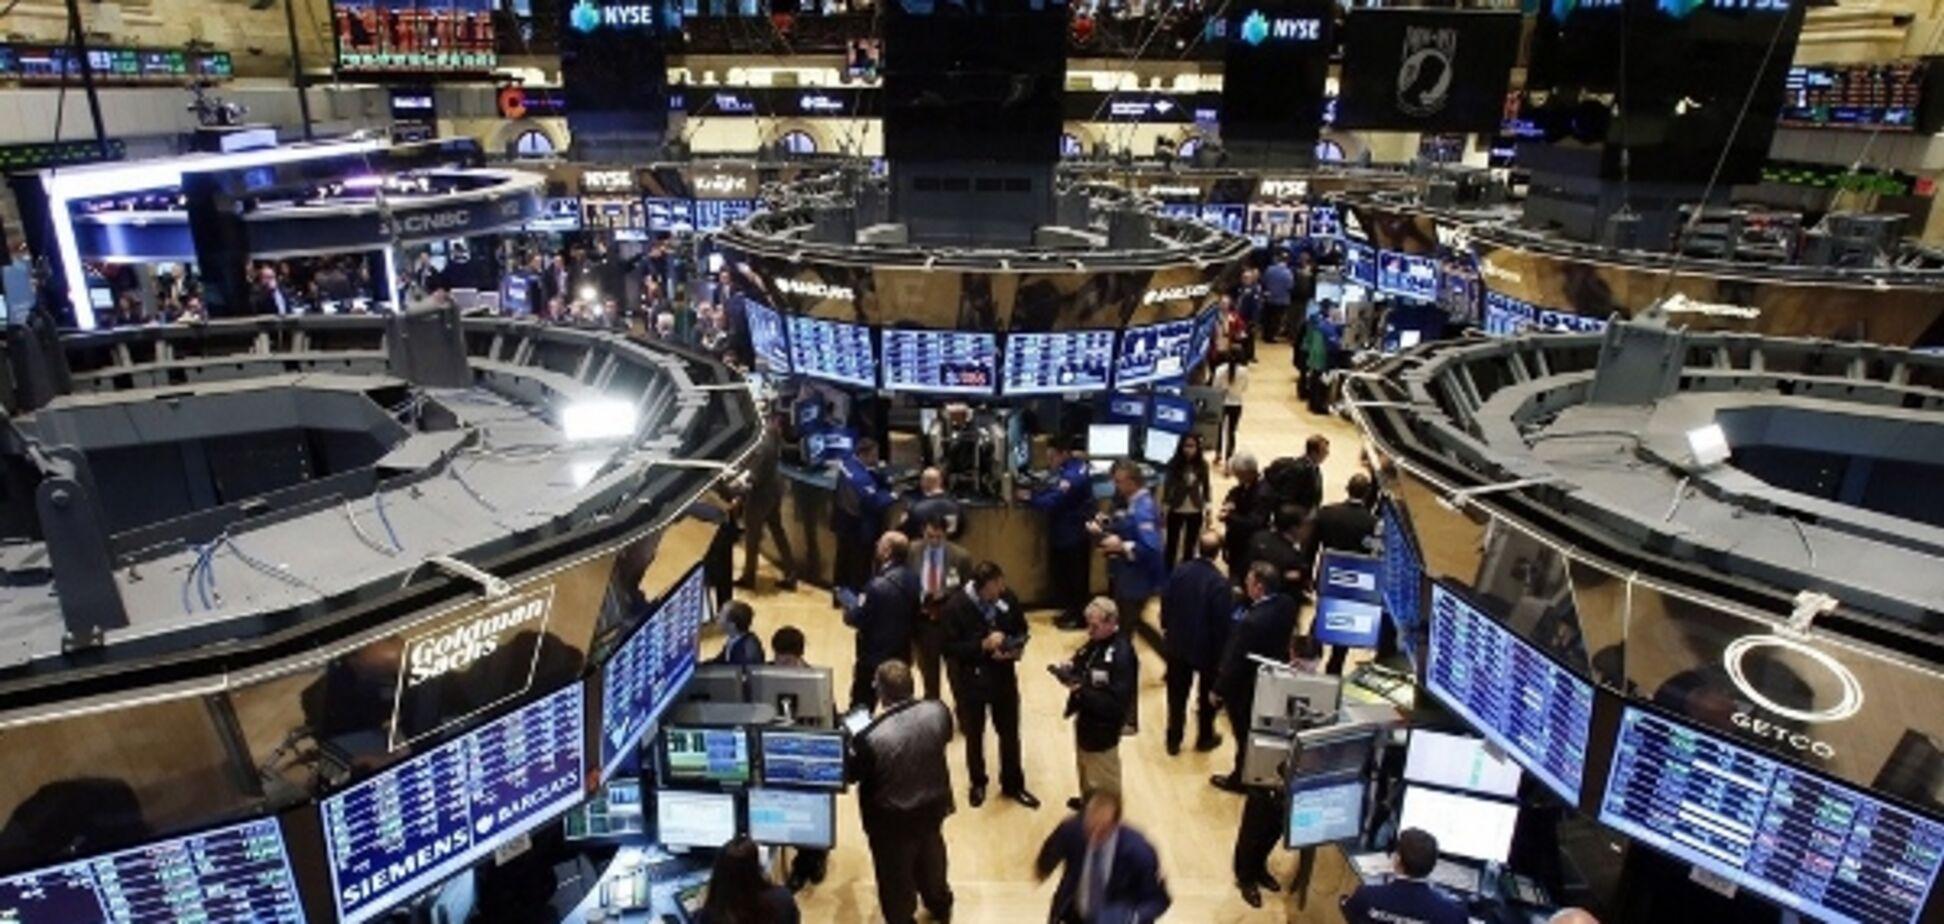 Худшие показатели с 2008 года: американский индекс Dow Jones рекордно упал